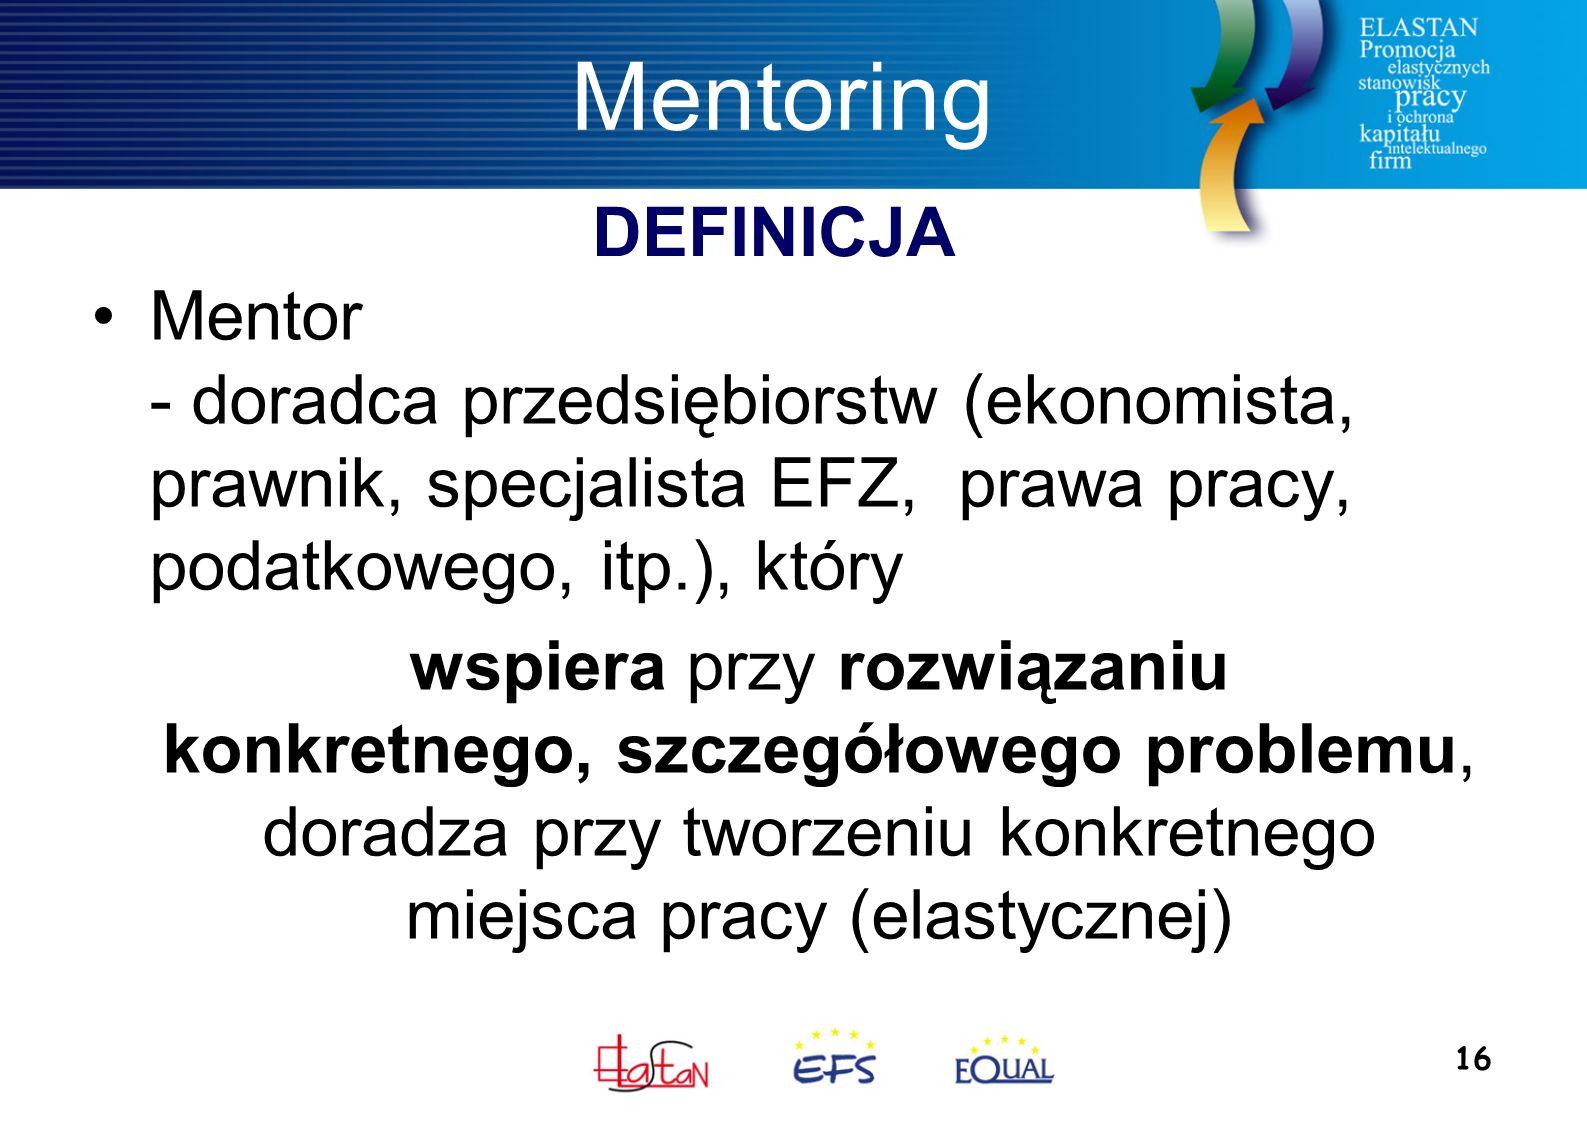 16 Mentoring Mentor - doradca przedsiębiorstw (ekonomista, prawnik, specjalista EFZ, prawa pracy, podatkowego, itp.), który wspiera przy rozwiązaniu konkretnego, szczegółowego problemu, doradza przy tworzeniu konkretnego miejsca pracy (elastycznej) DEFINICJA